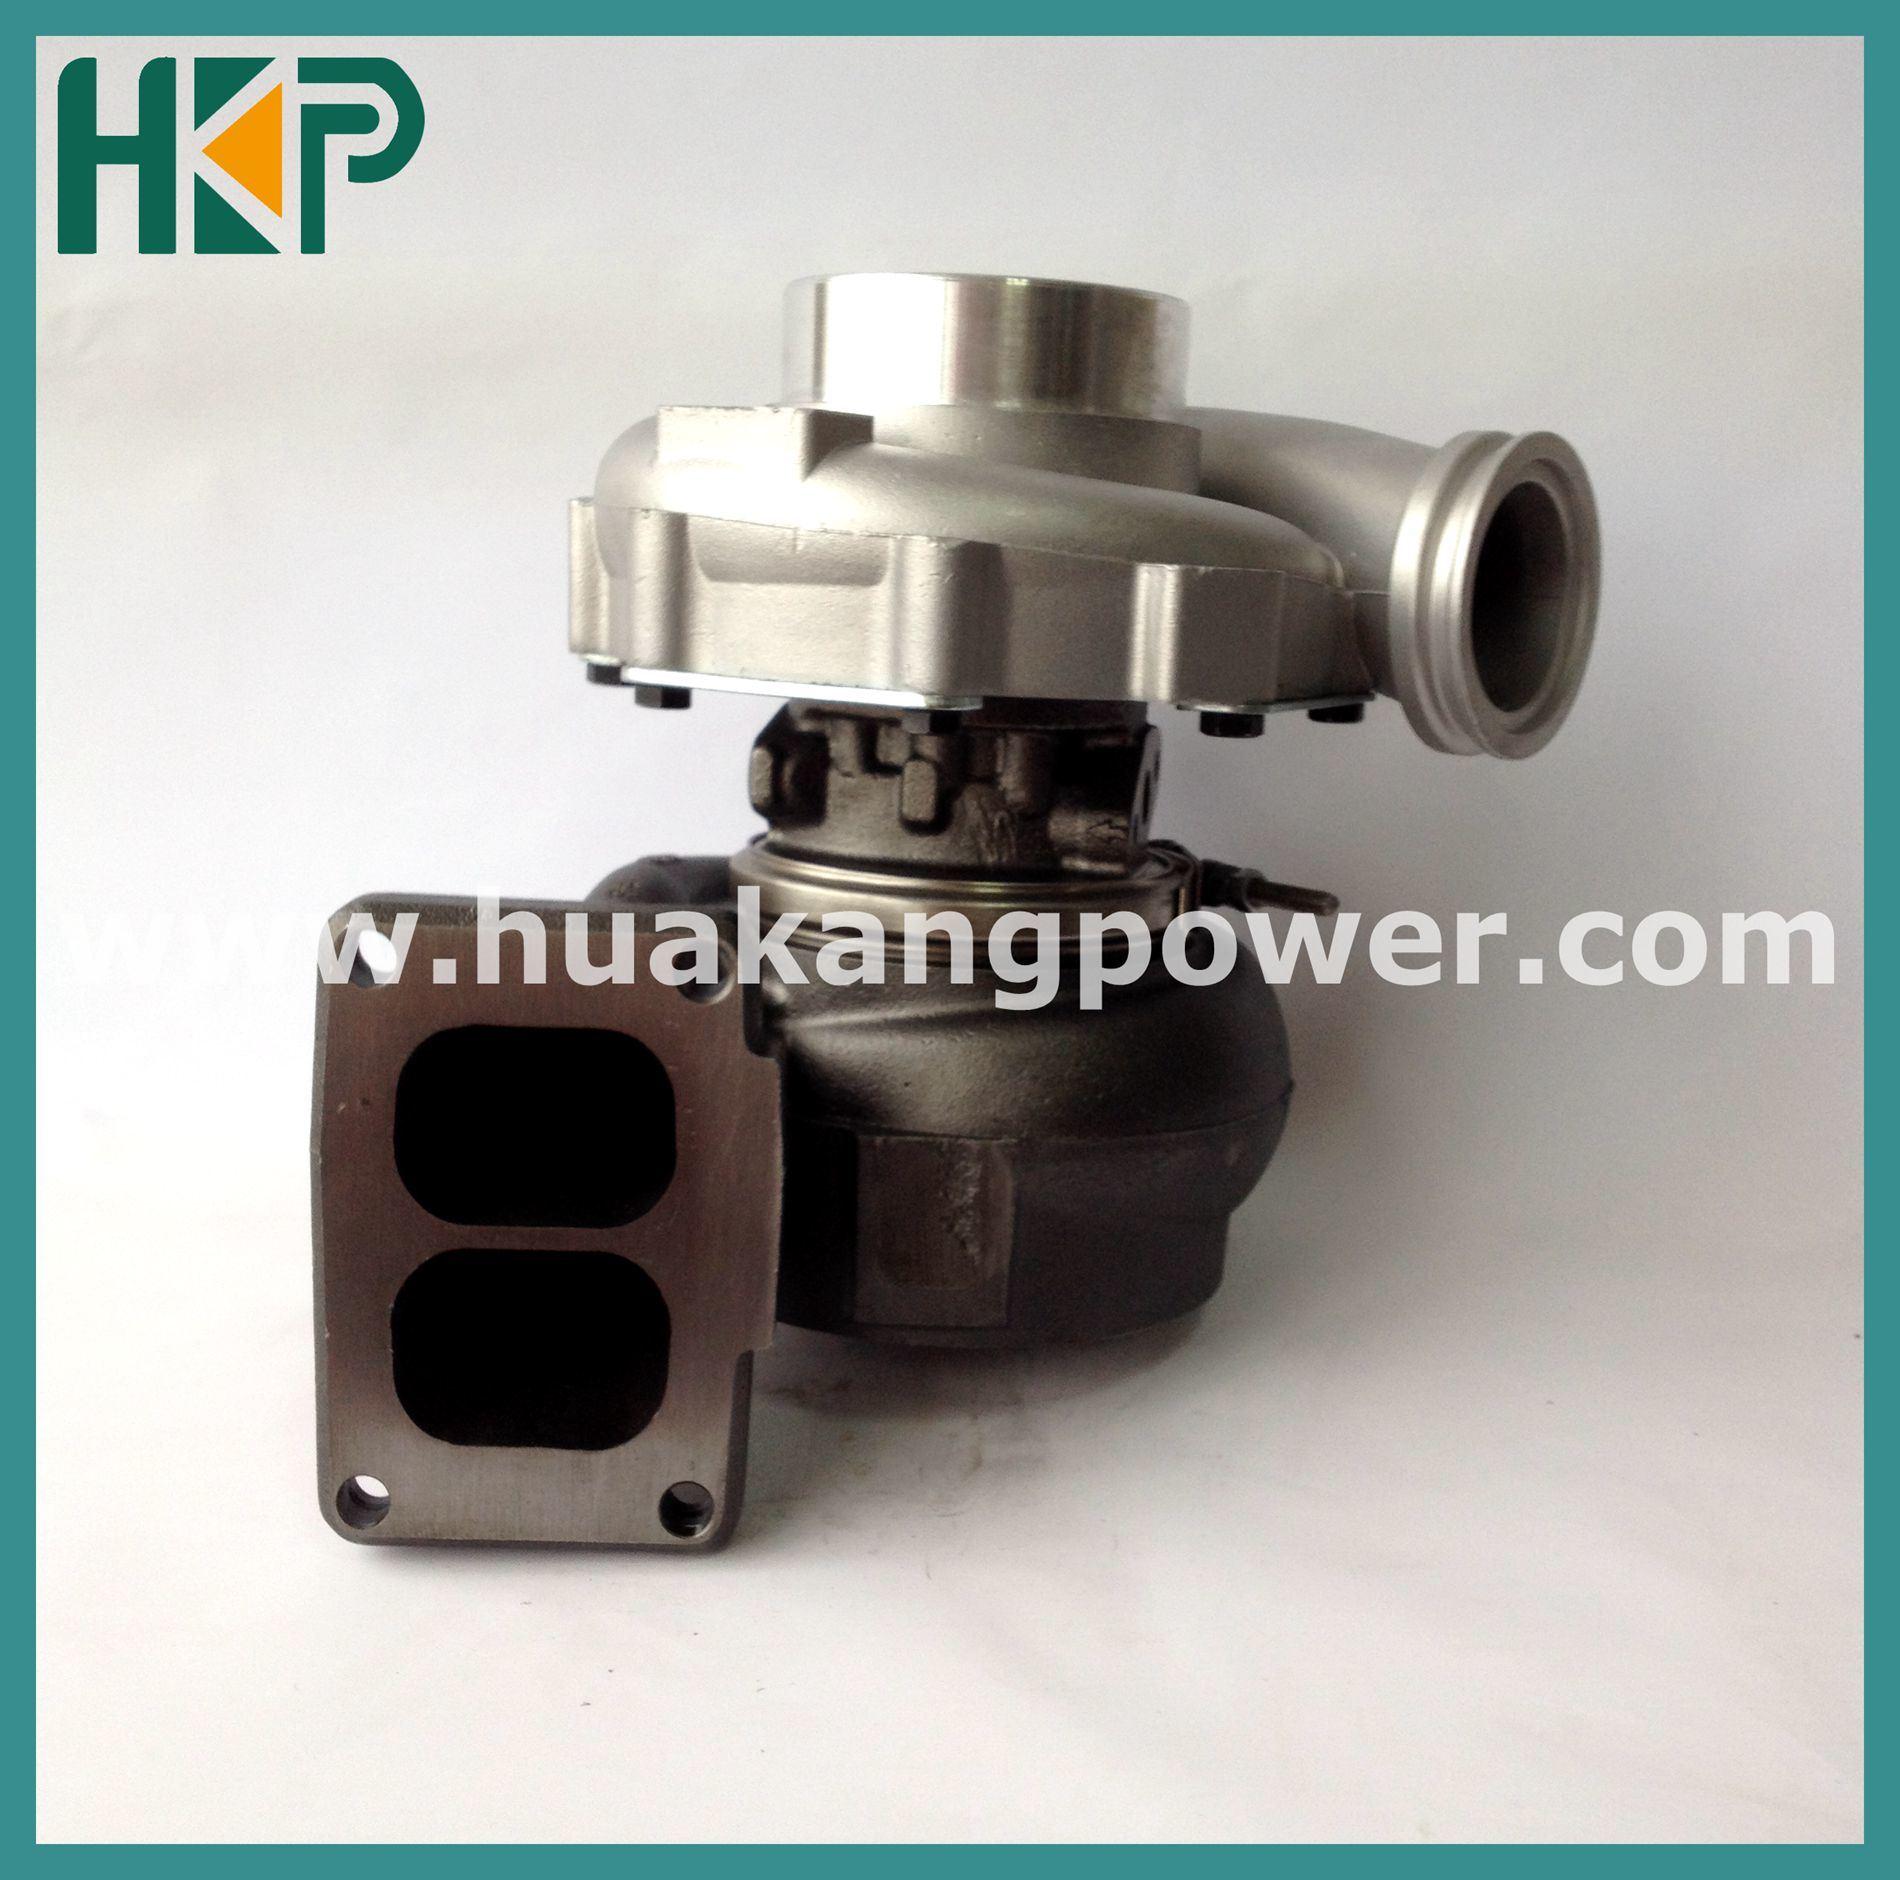 Turbo/Turbocharger for Gt42 P/N723117-5001 OEM61560116227